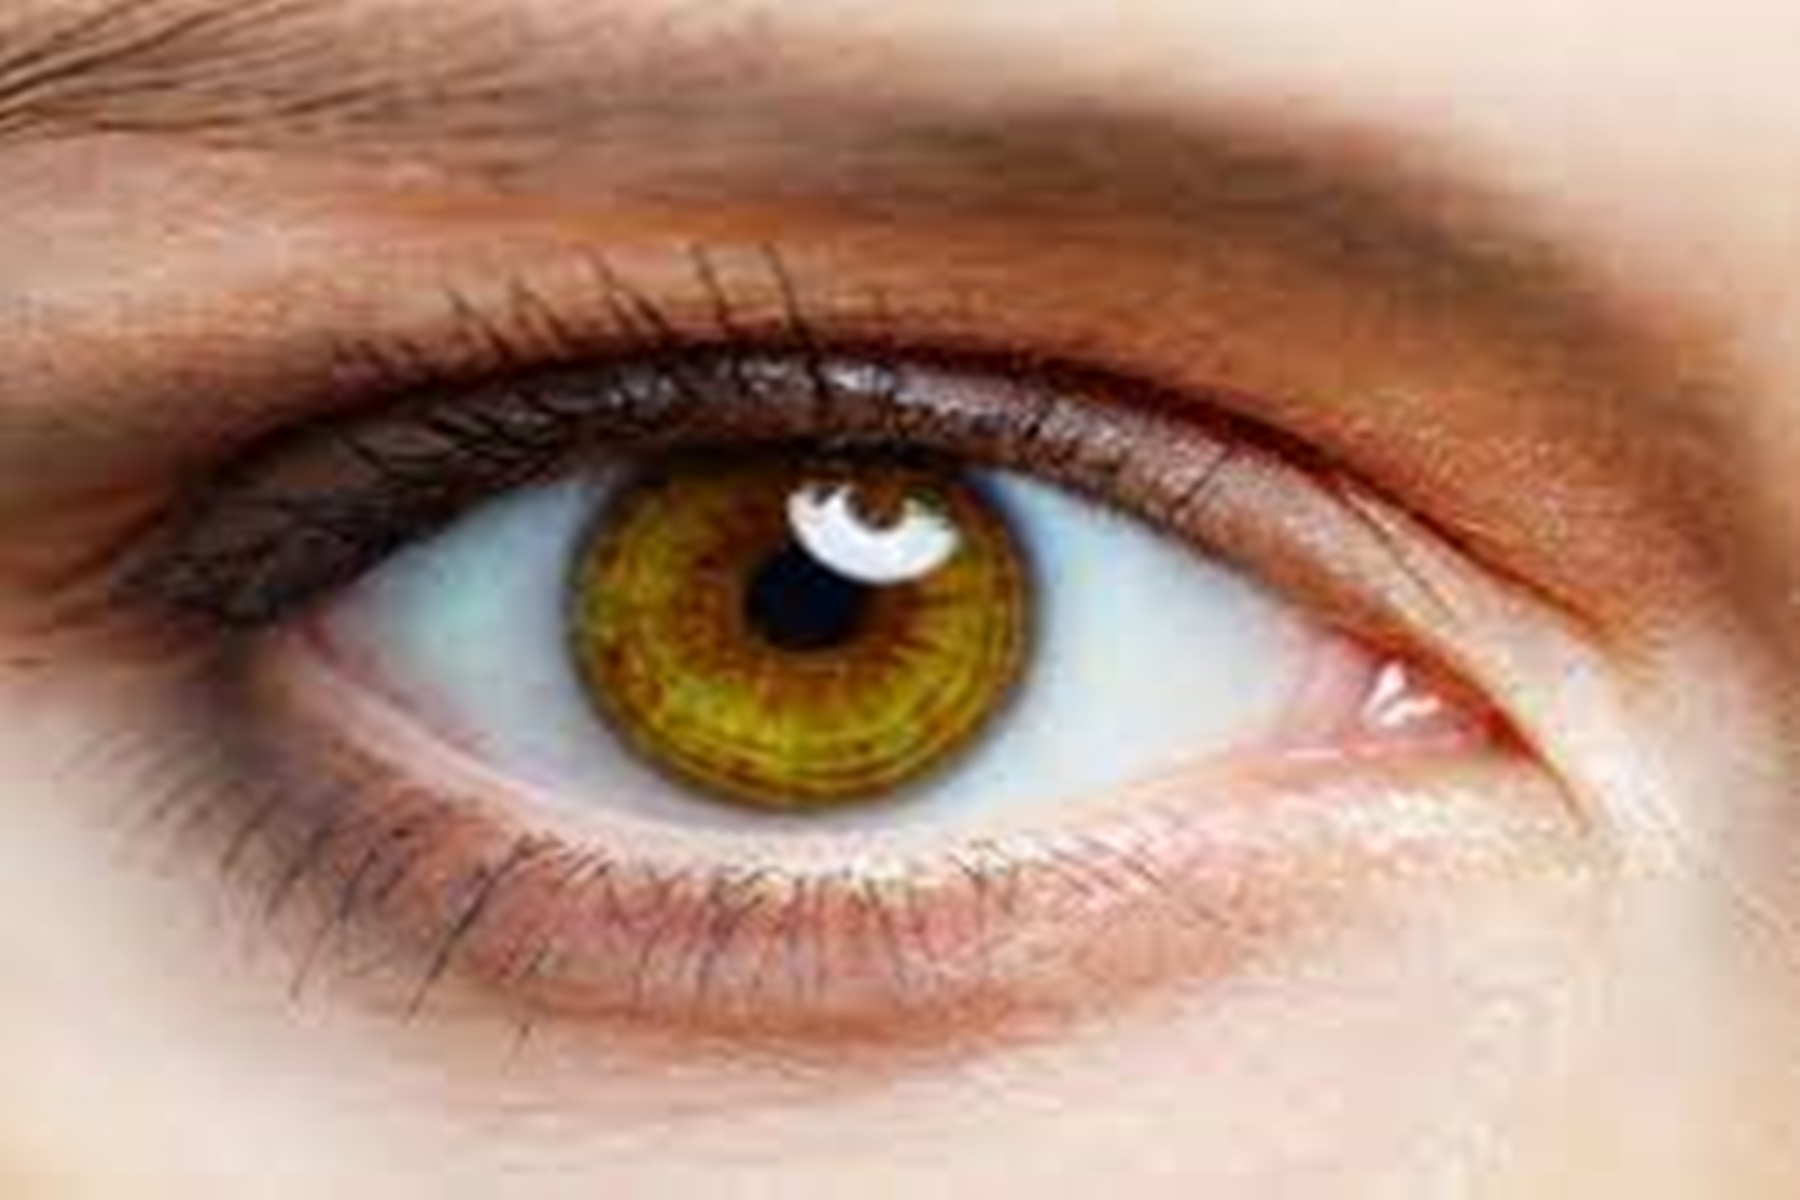 Ομορφιά : Φροντίστε την περιοχή γύρω από τα μάτια σας